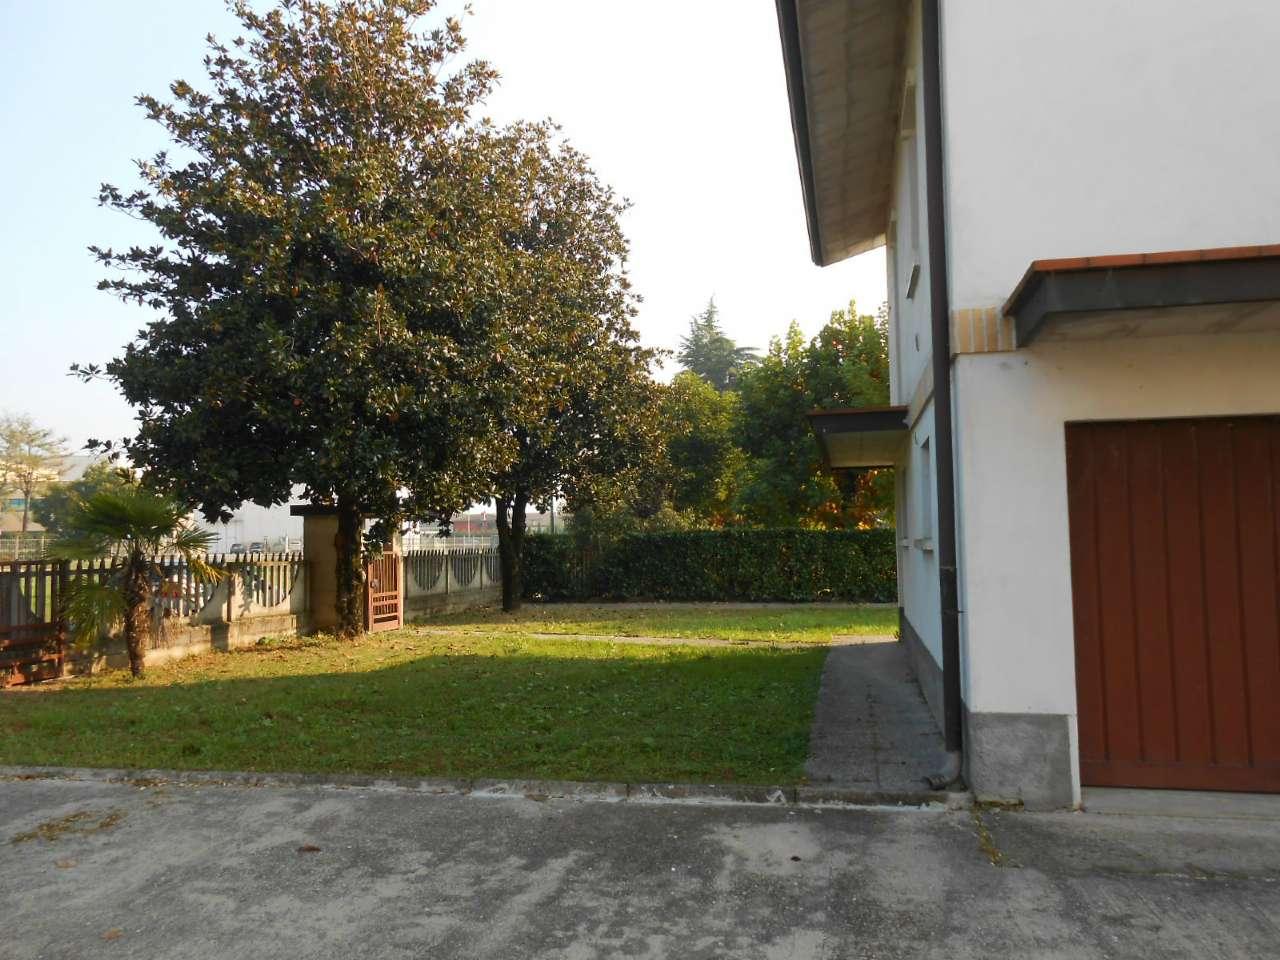 Palazzo Pignano Vendita VILLA Immagine 3